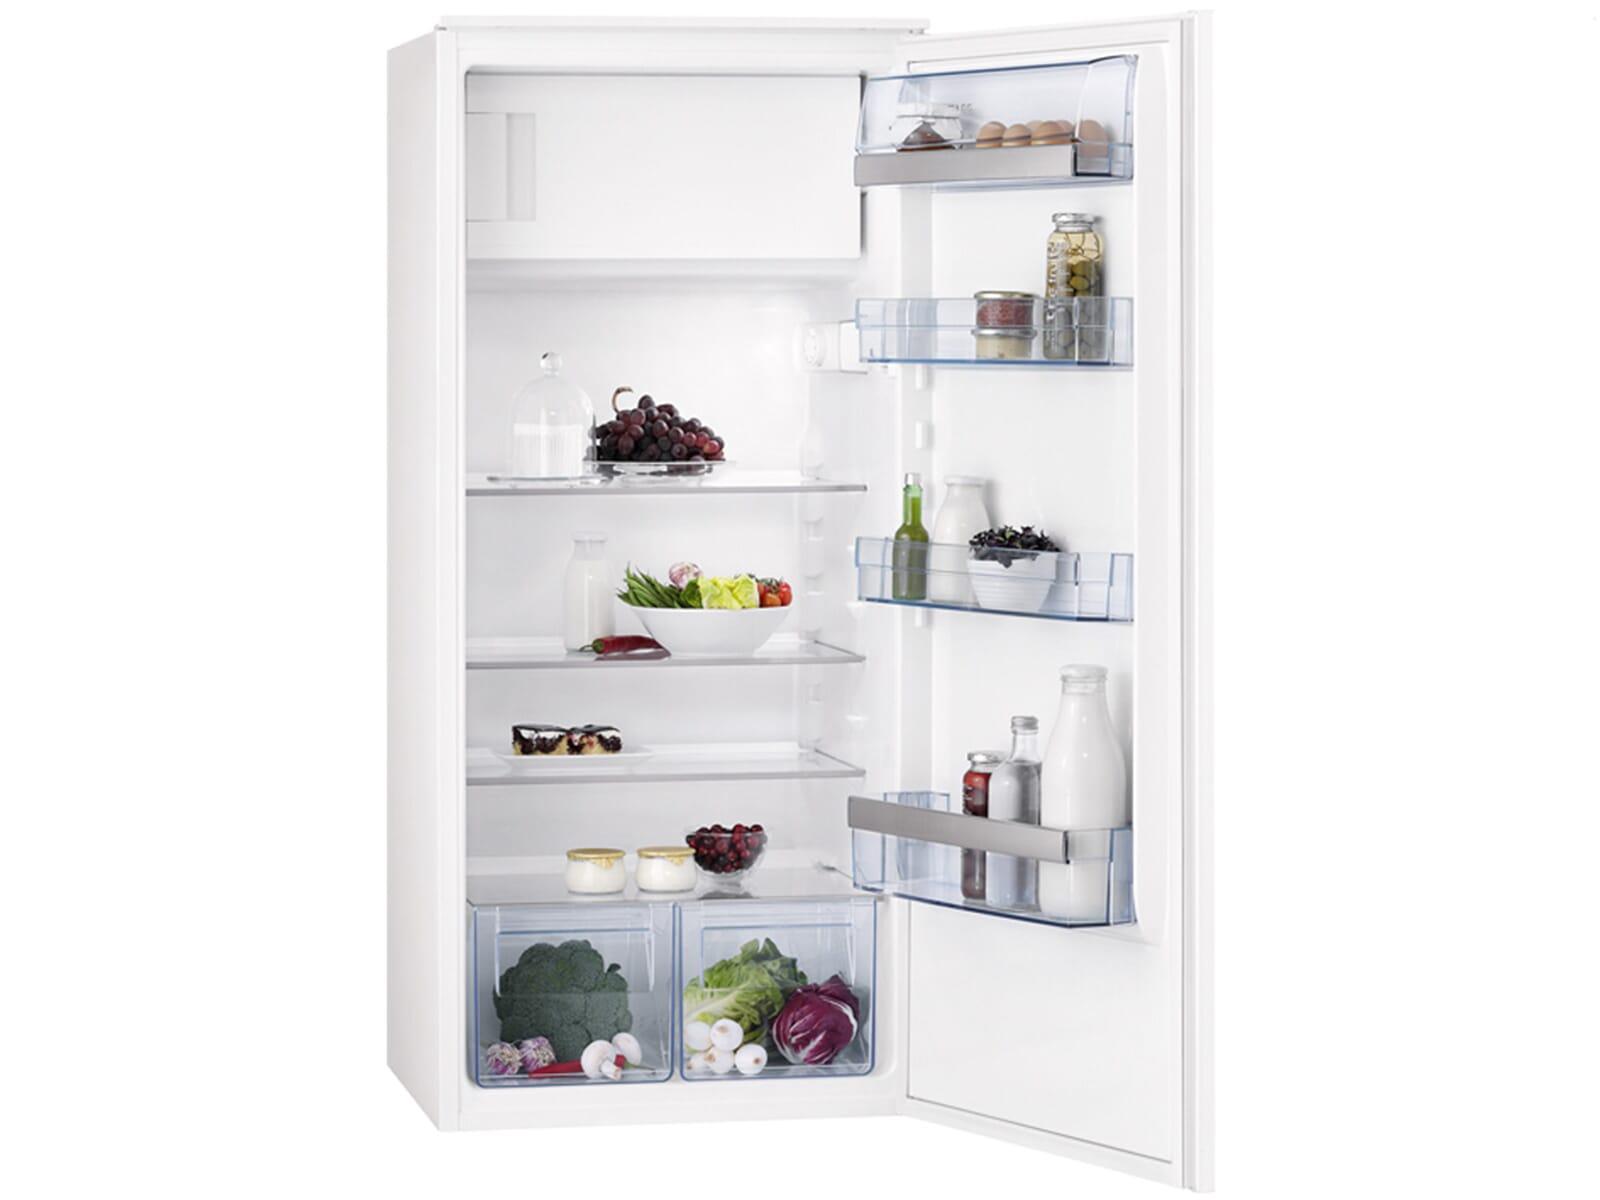 Bosch Kühlschrank Temperaturanzeige : Temperatur kühlschrank mcadams kara